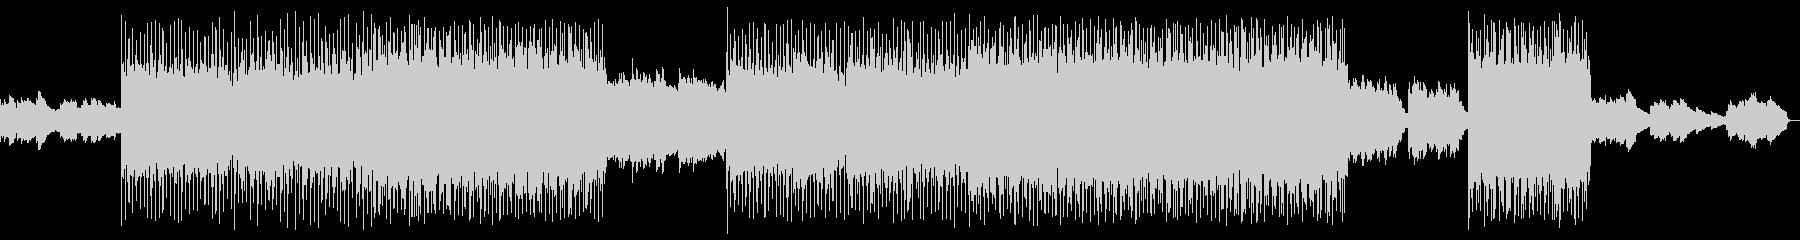 幻想的な音空間が特徴のエキゾチックな曲の未再生の波形